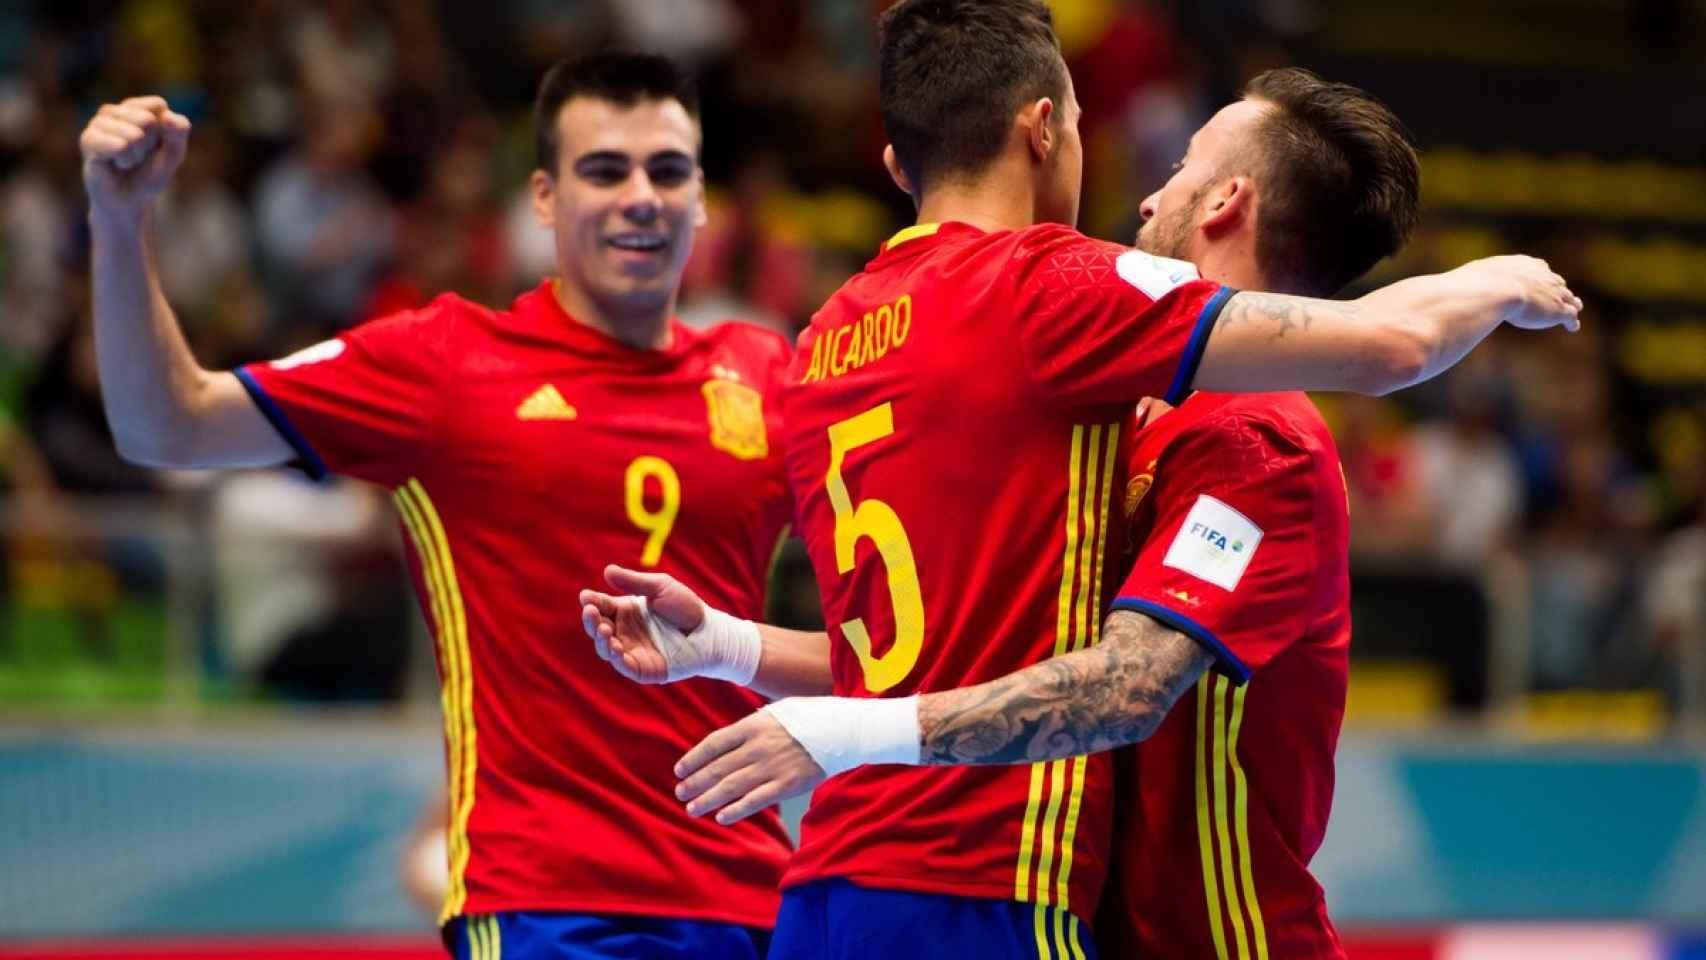 Sergio Lozano, Aicardo y Rivillos celebran un gol de la selección.